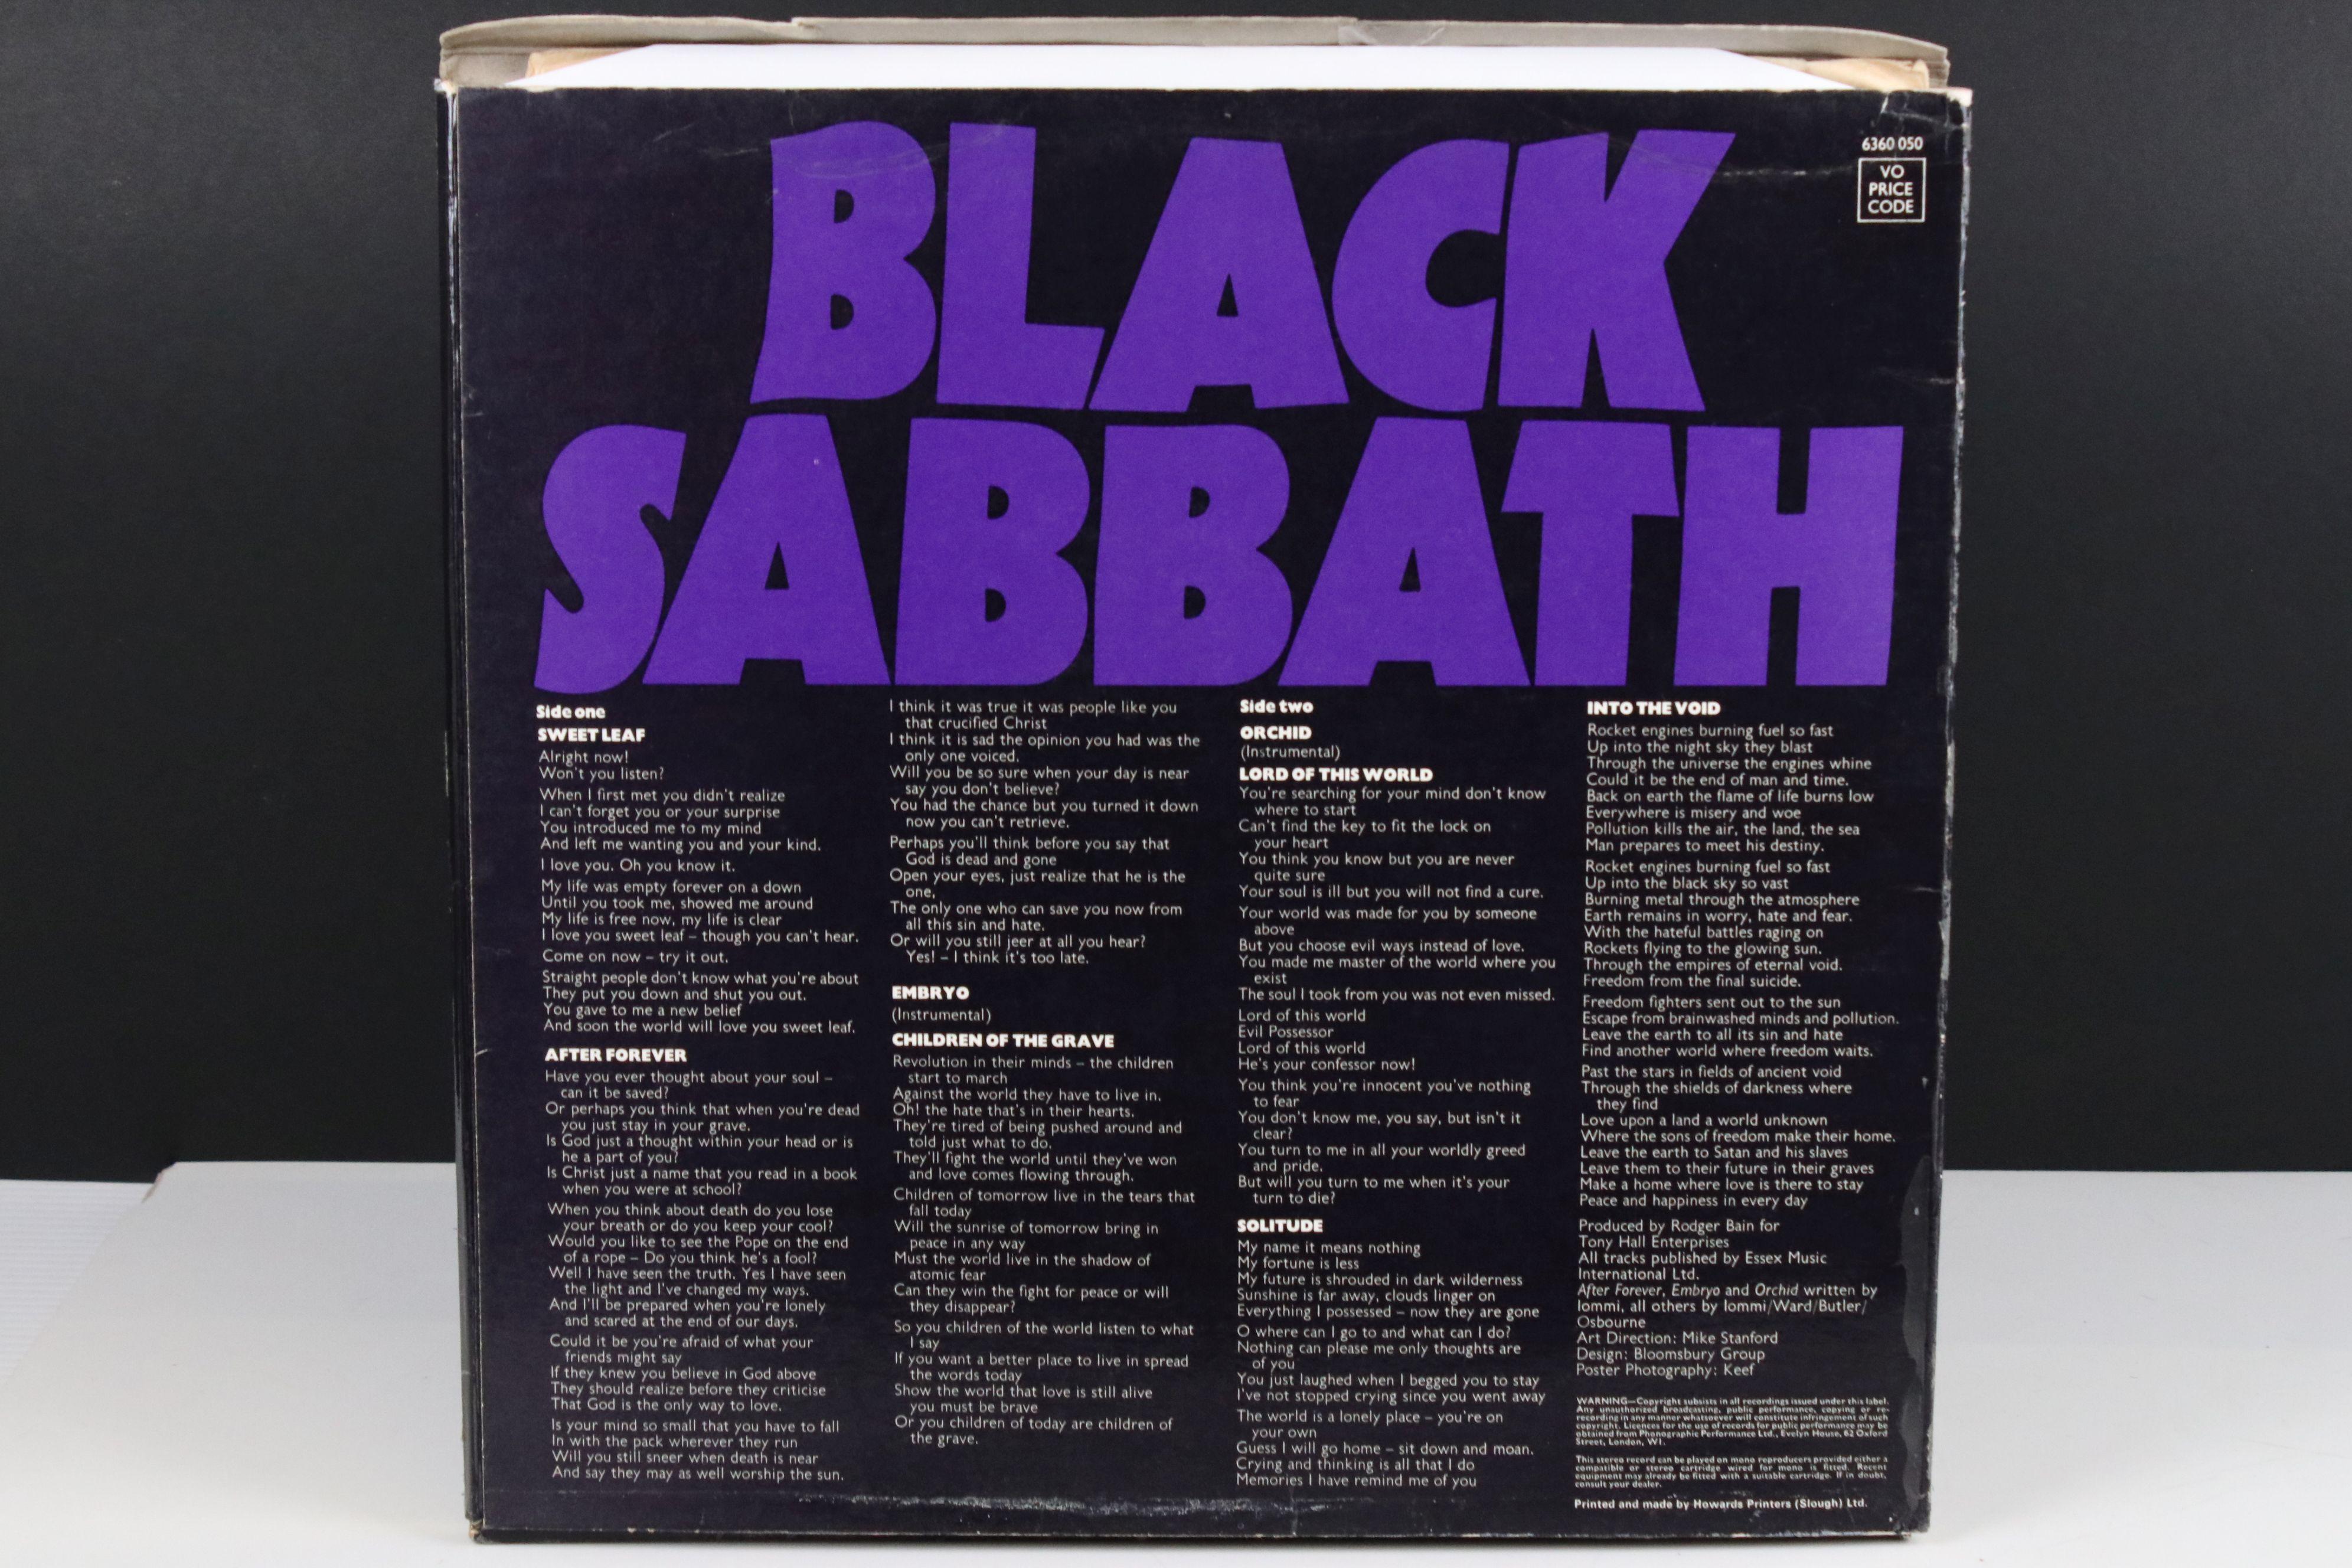 Vinyl - Black Sabbath Masters of Reality LP on Vertigo 6360050, box cover, no poster, Vertigo - Image 6 of 6